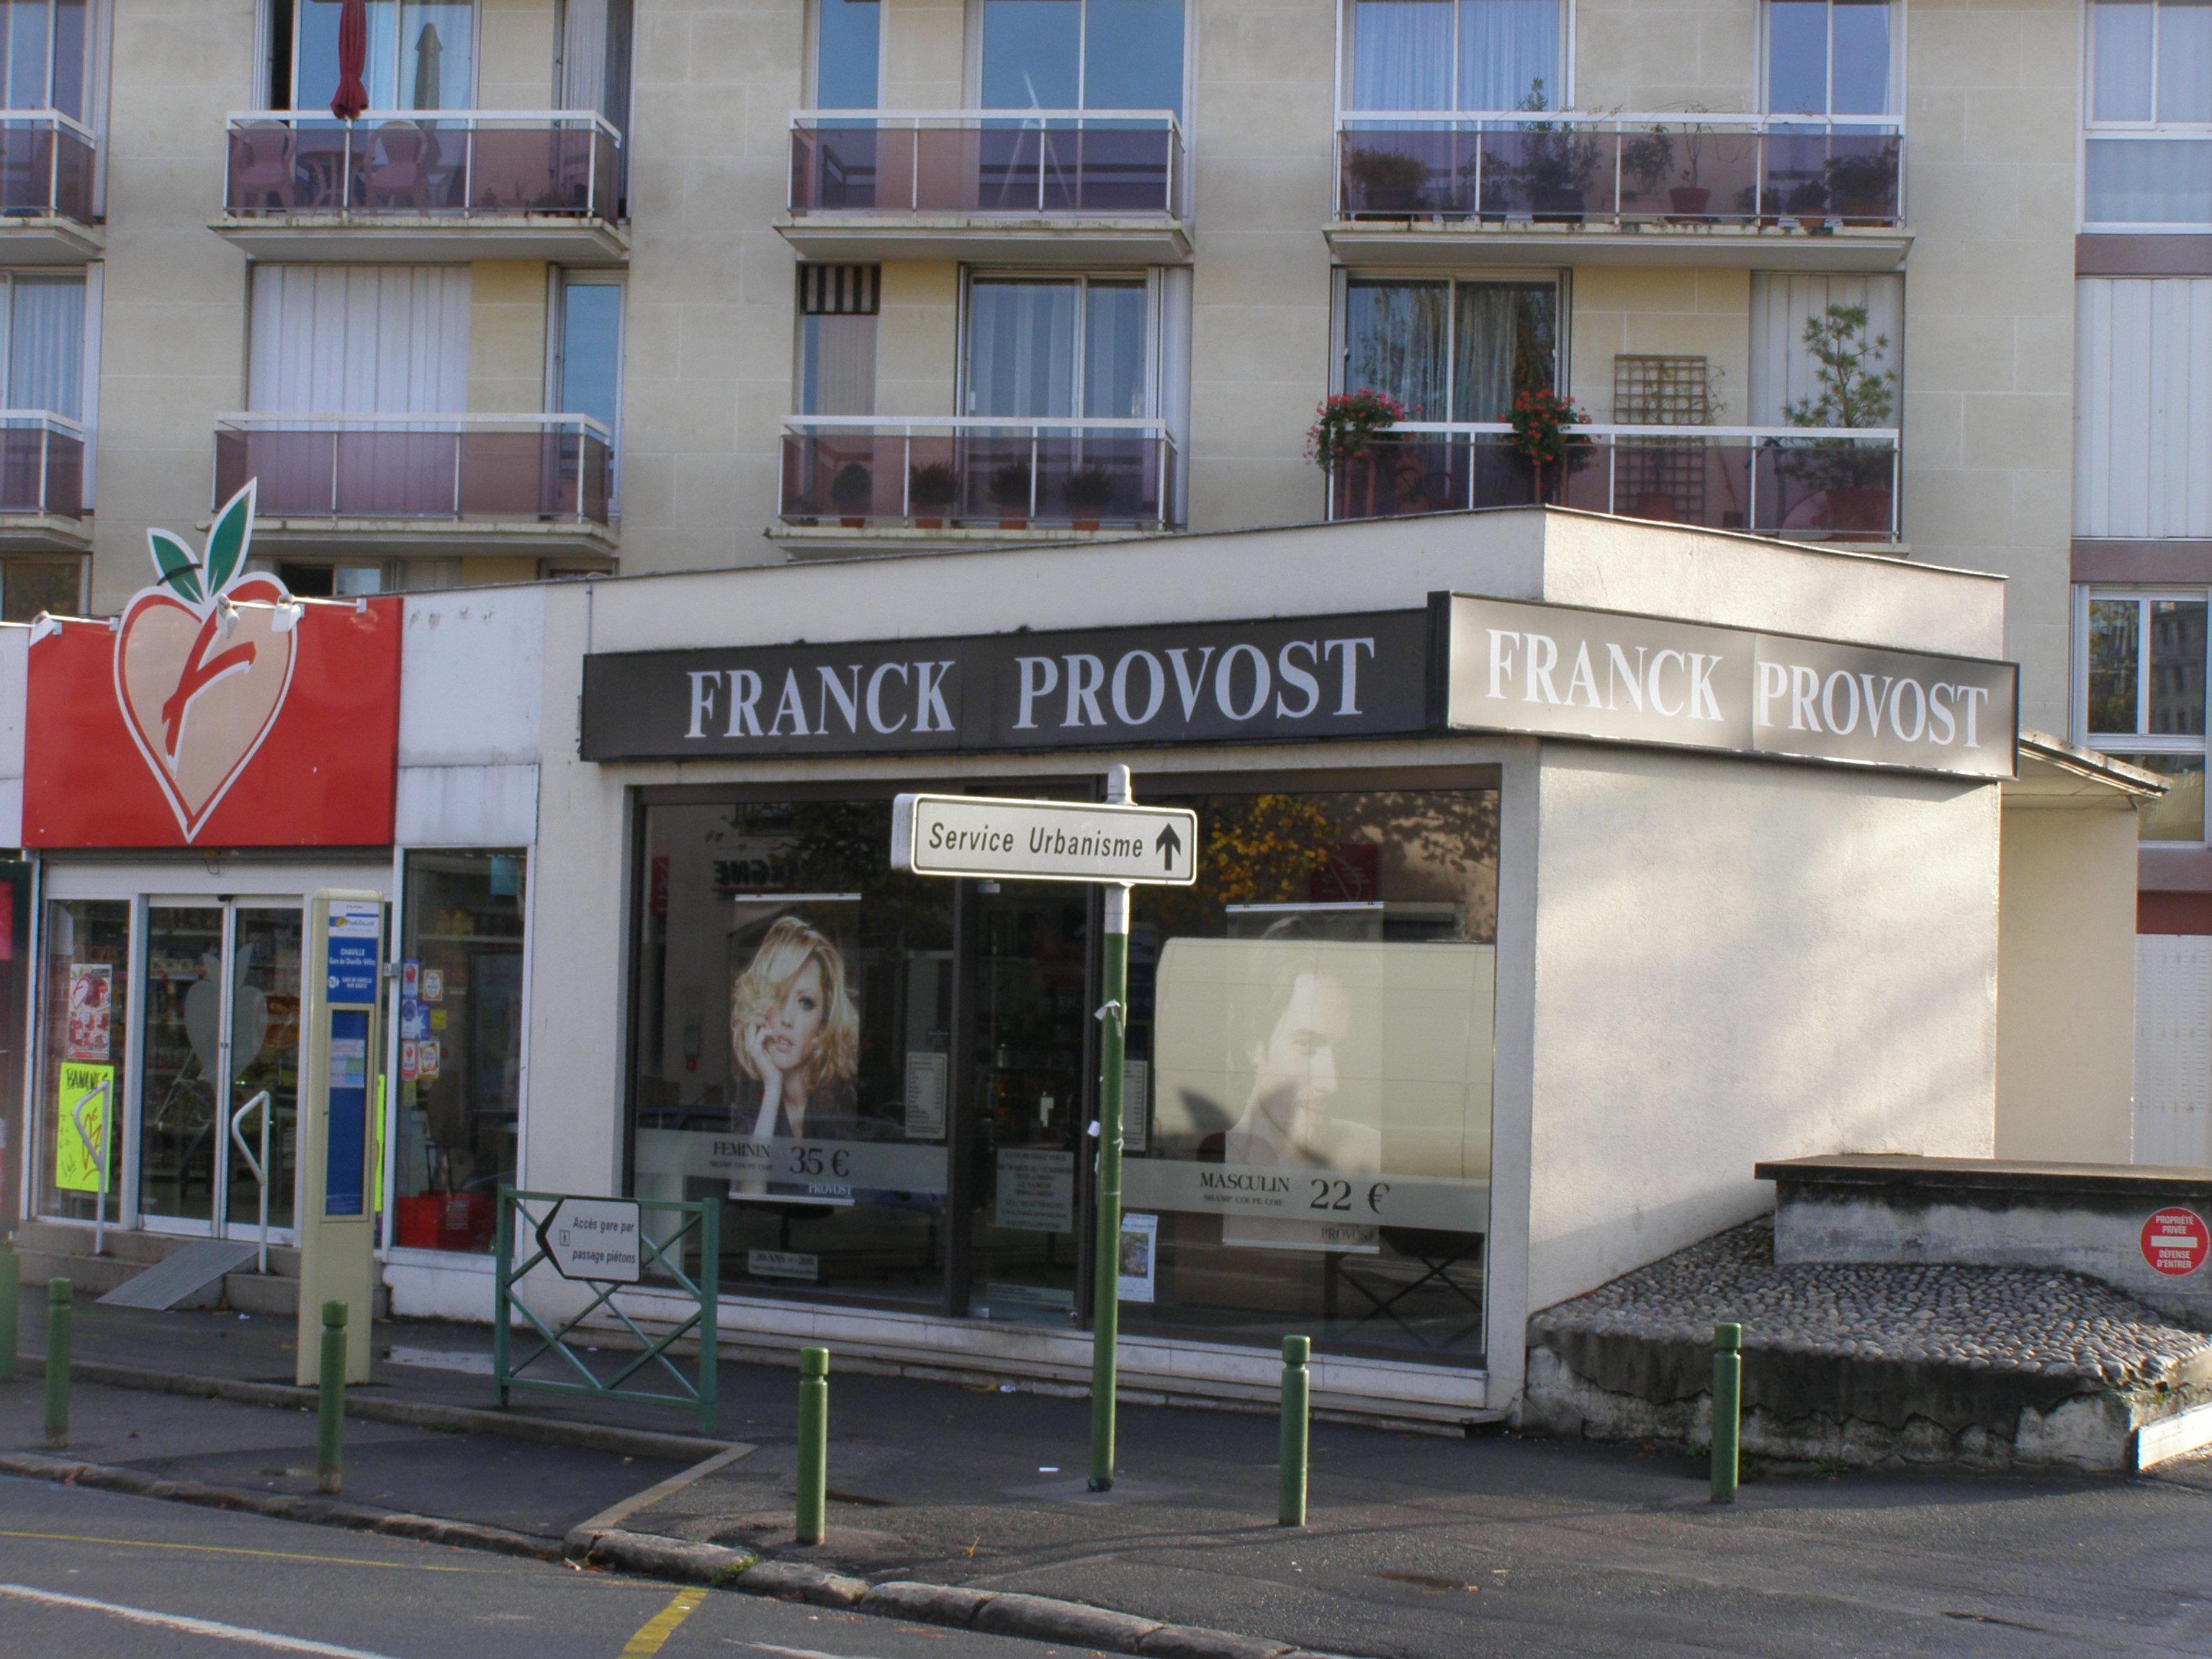 Franck provost chaville avis tarifs horaires t l phone for Tarif salon franck provost